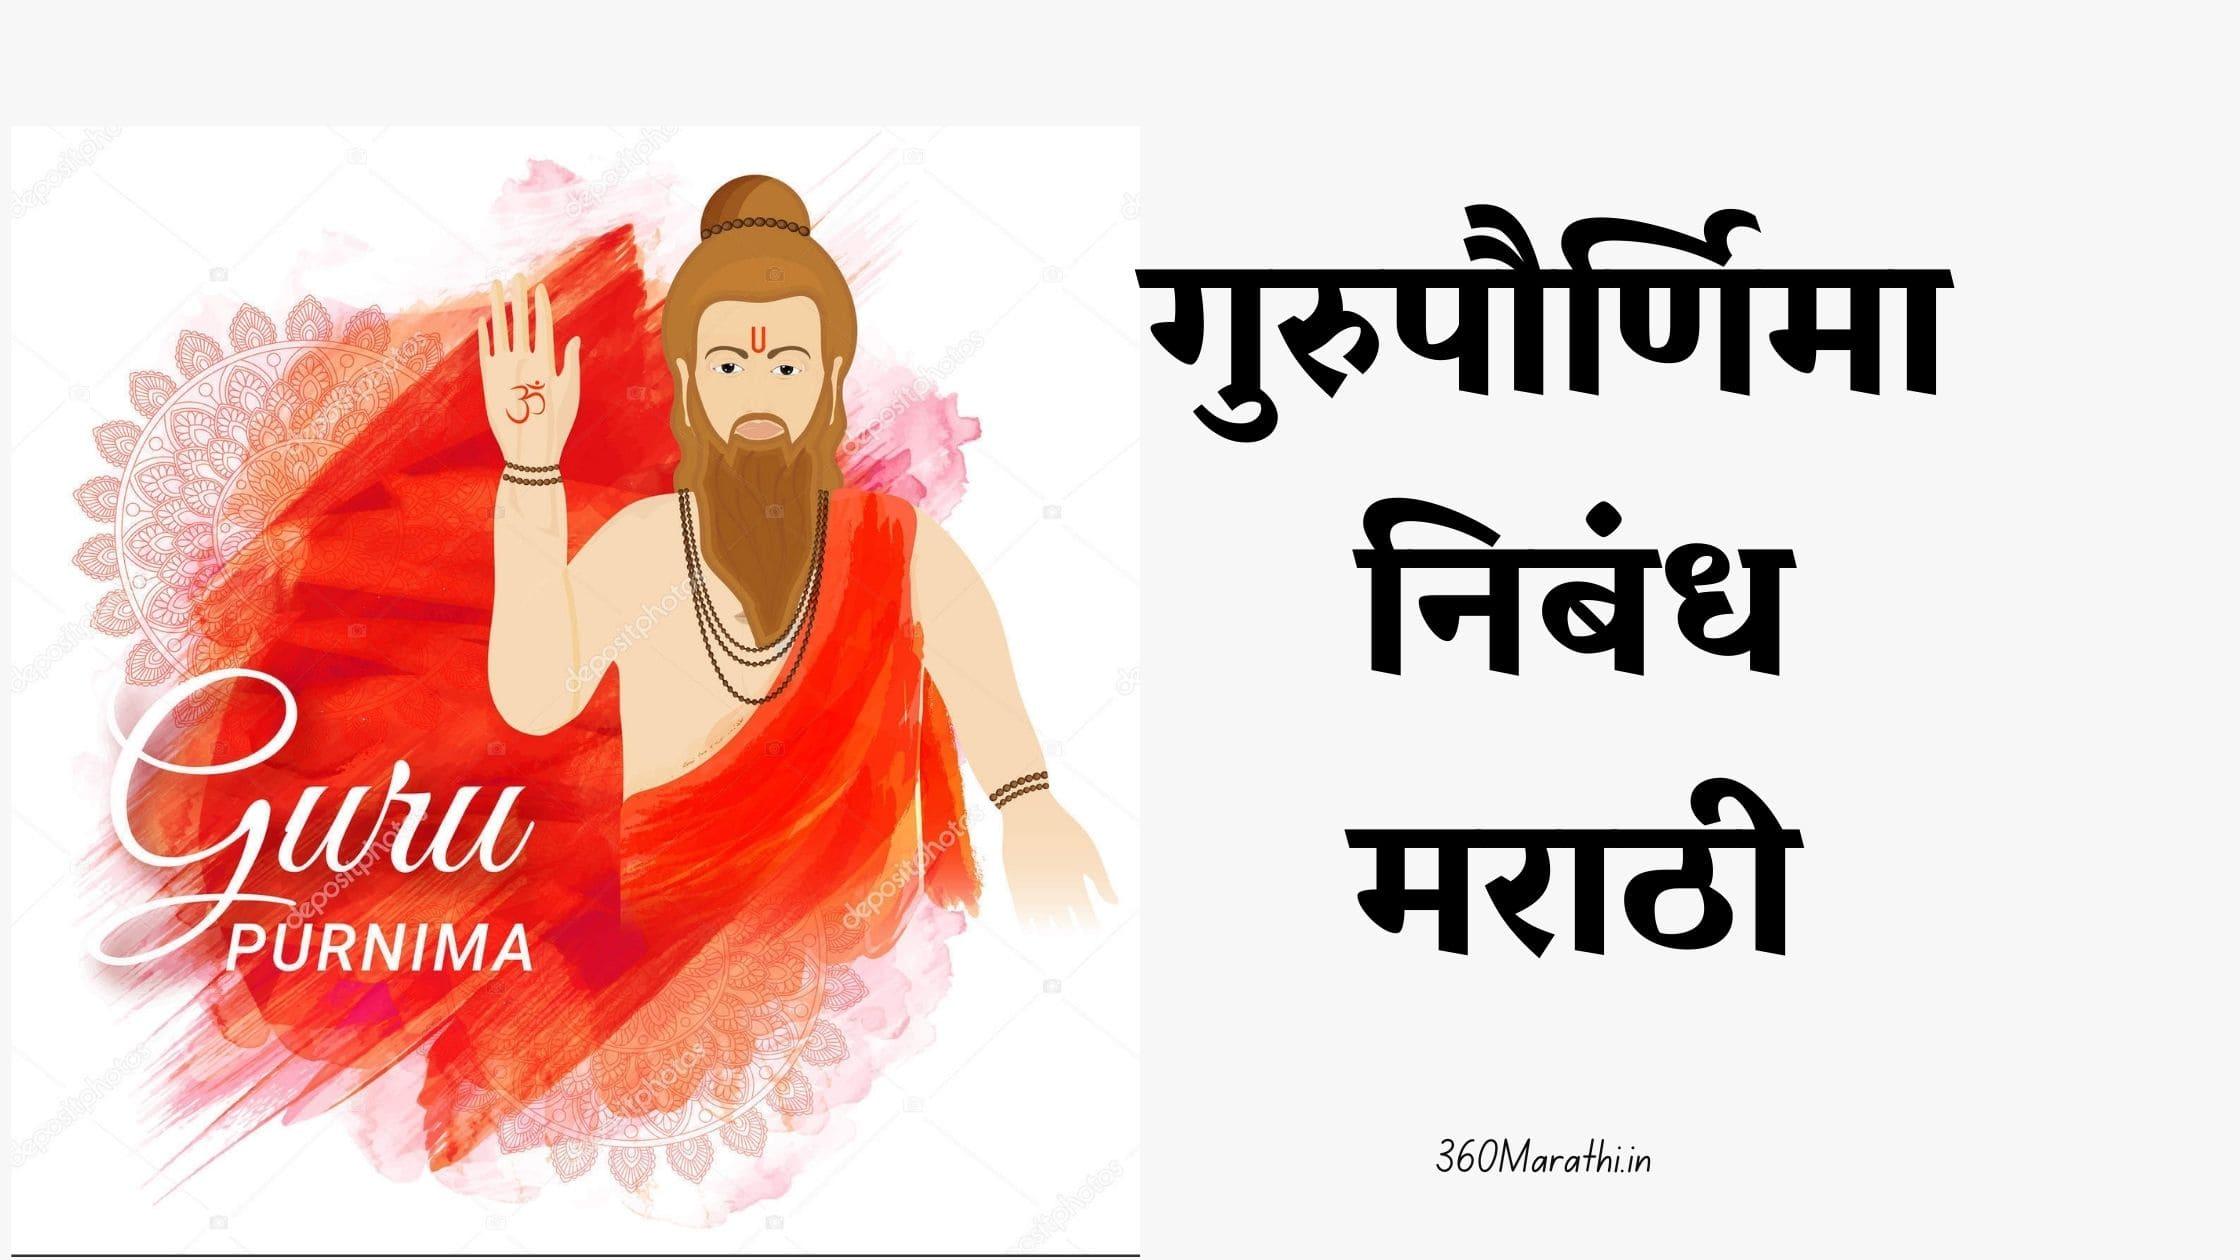 गुरुपौर्णिमा निबंध मराठी | Guru Purnima Essay & Speech in Marathi